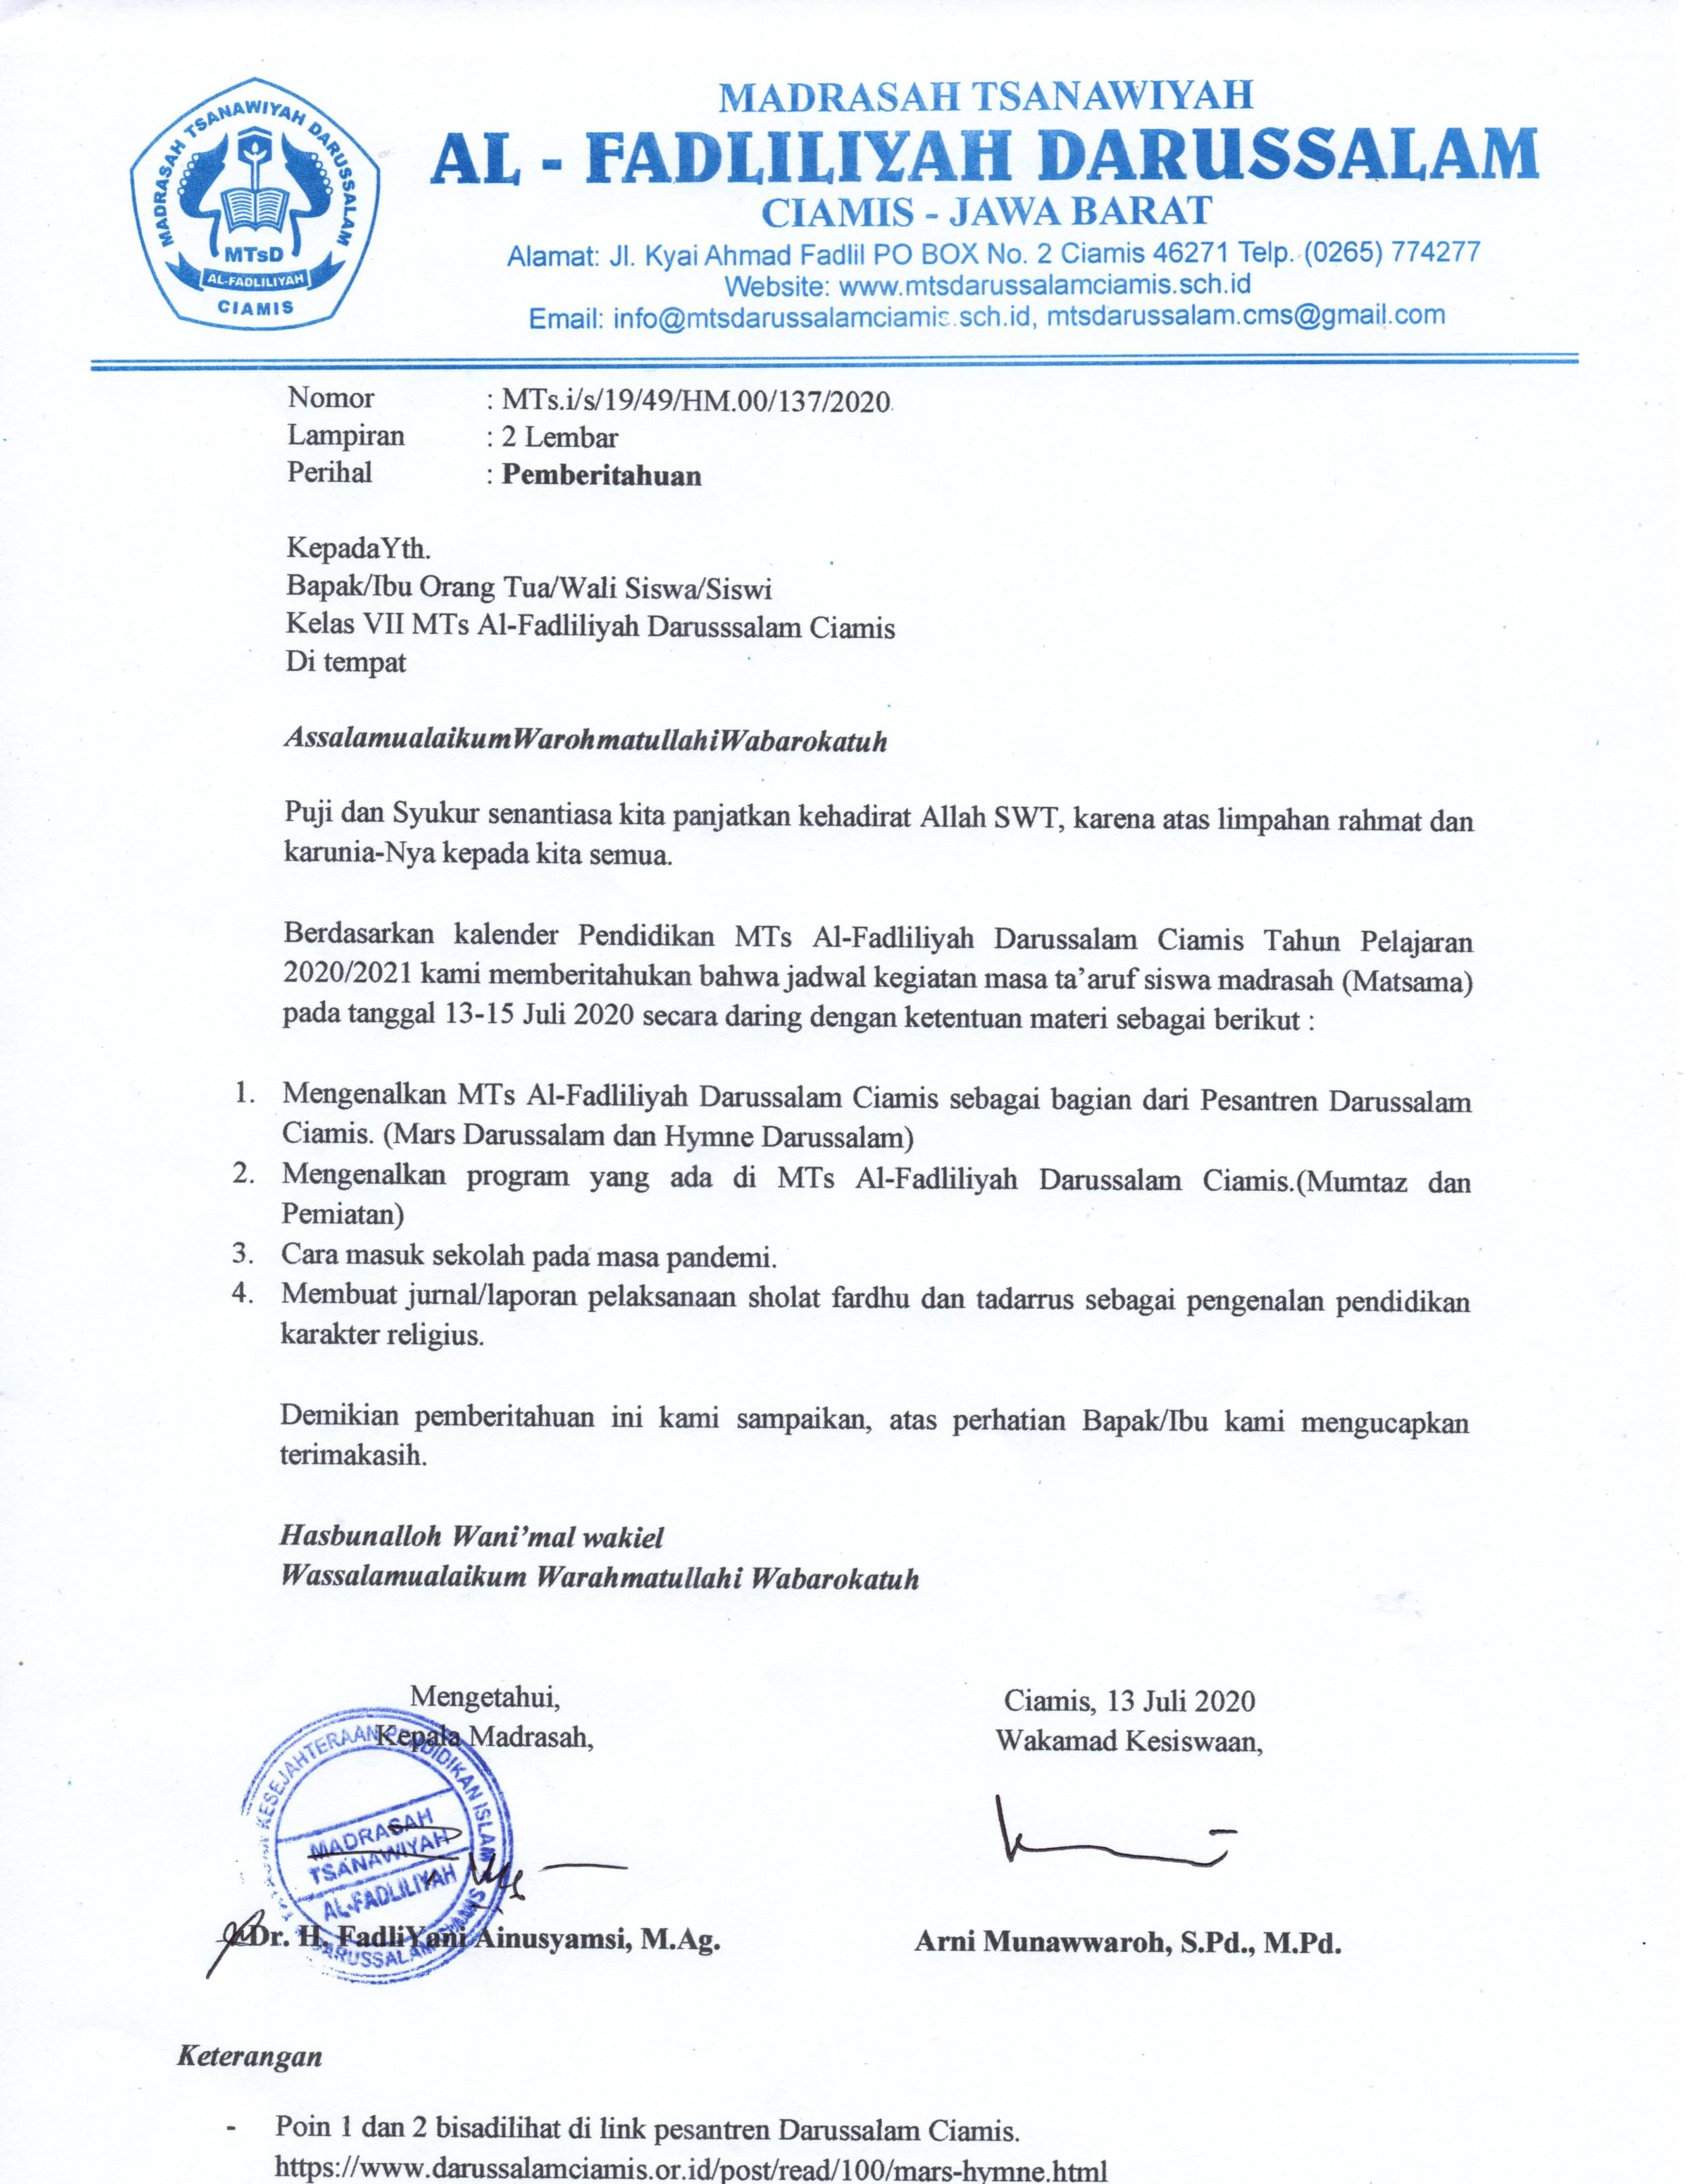 Surat Pemberitahuan Kegiatan Matsama (1)